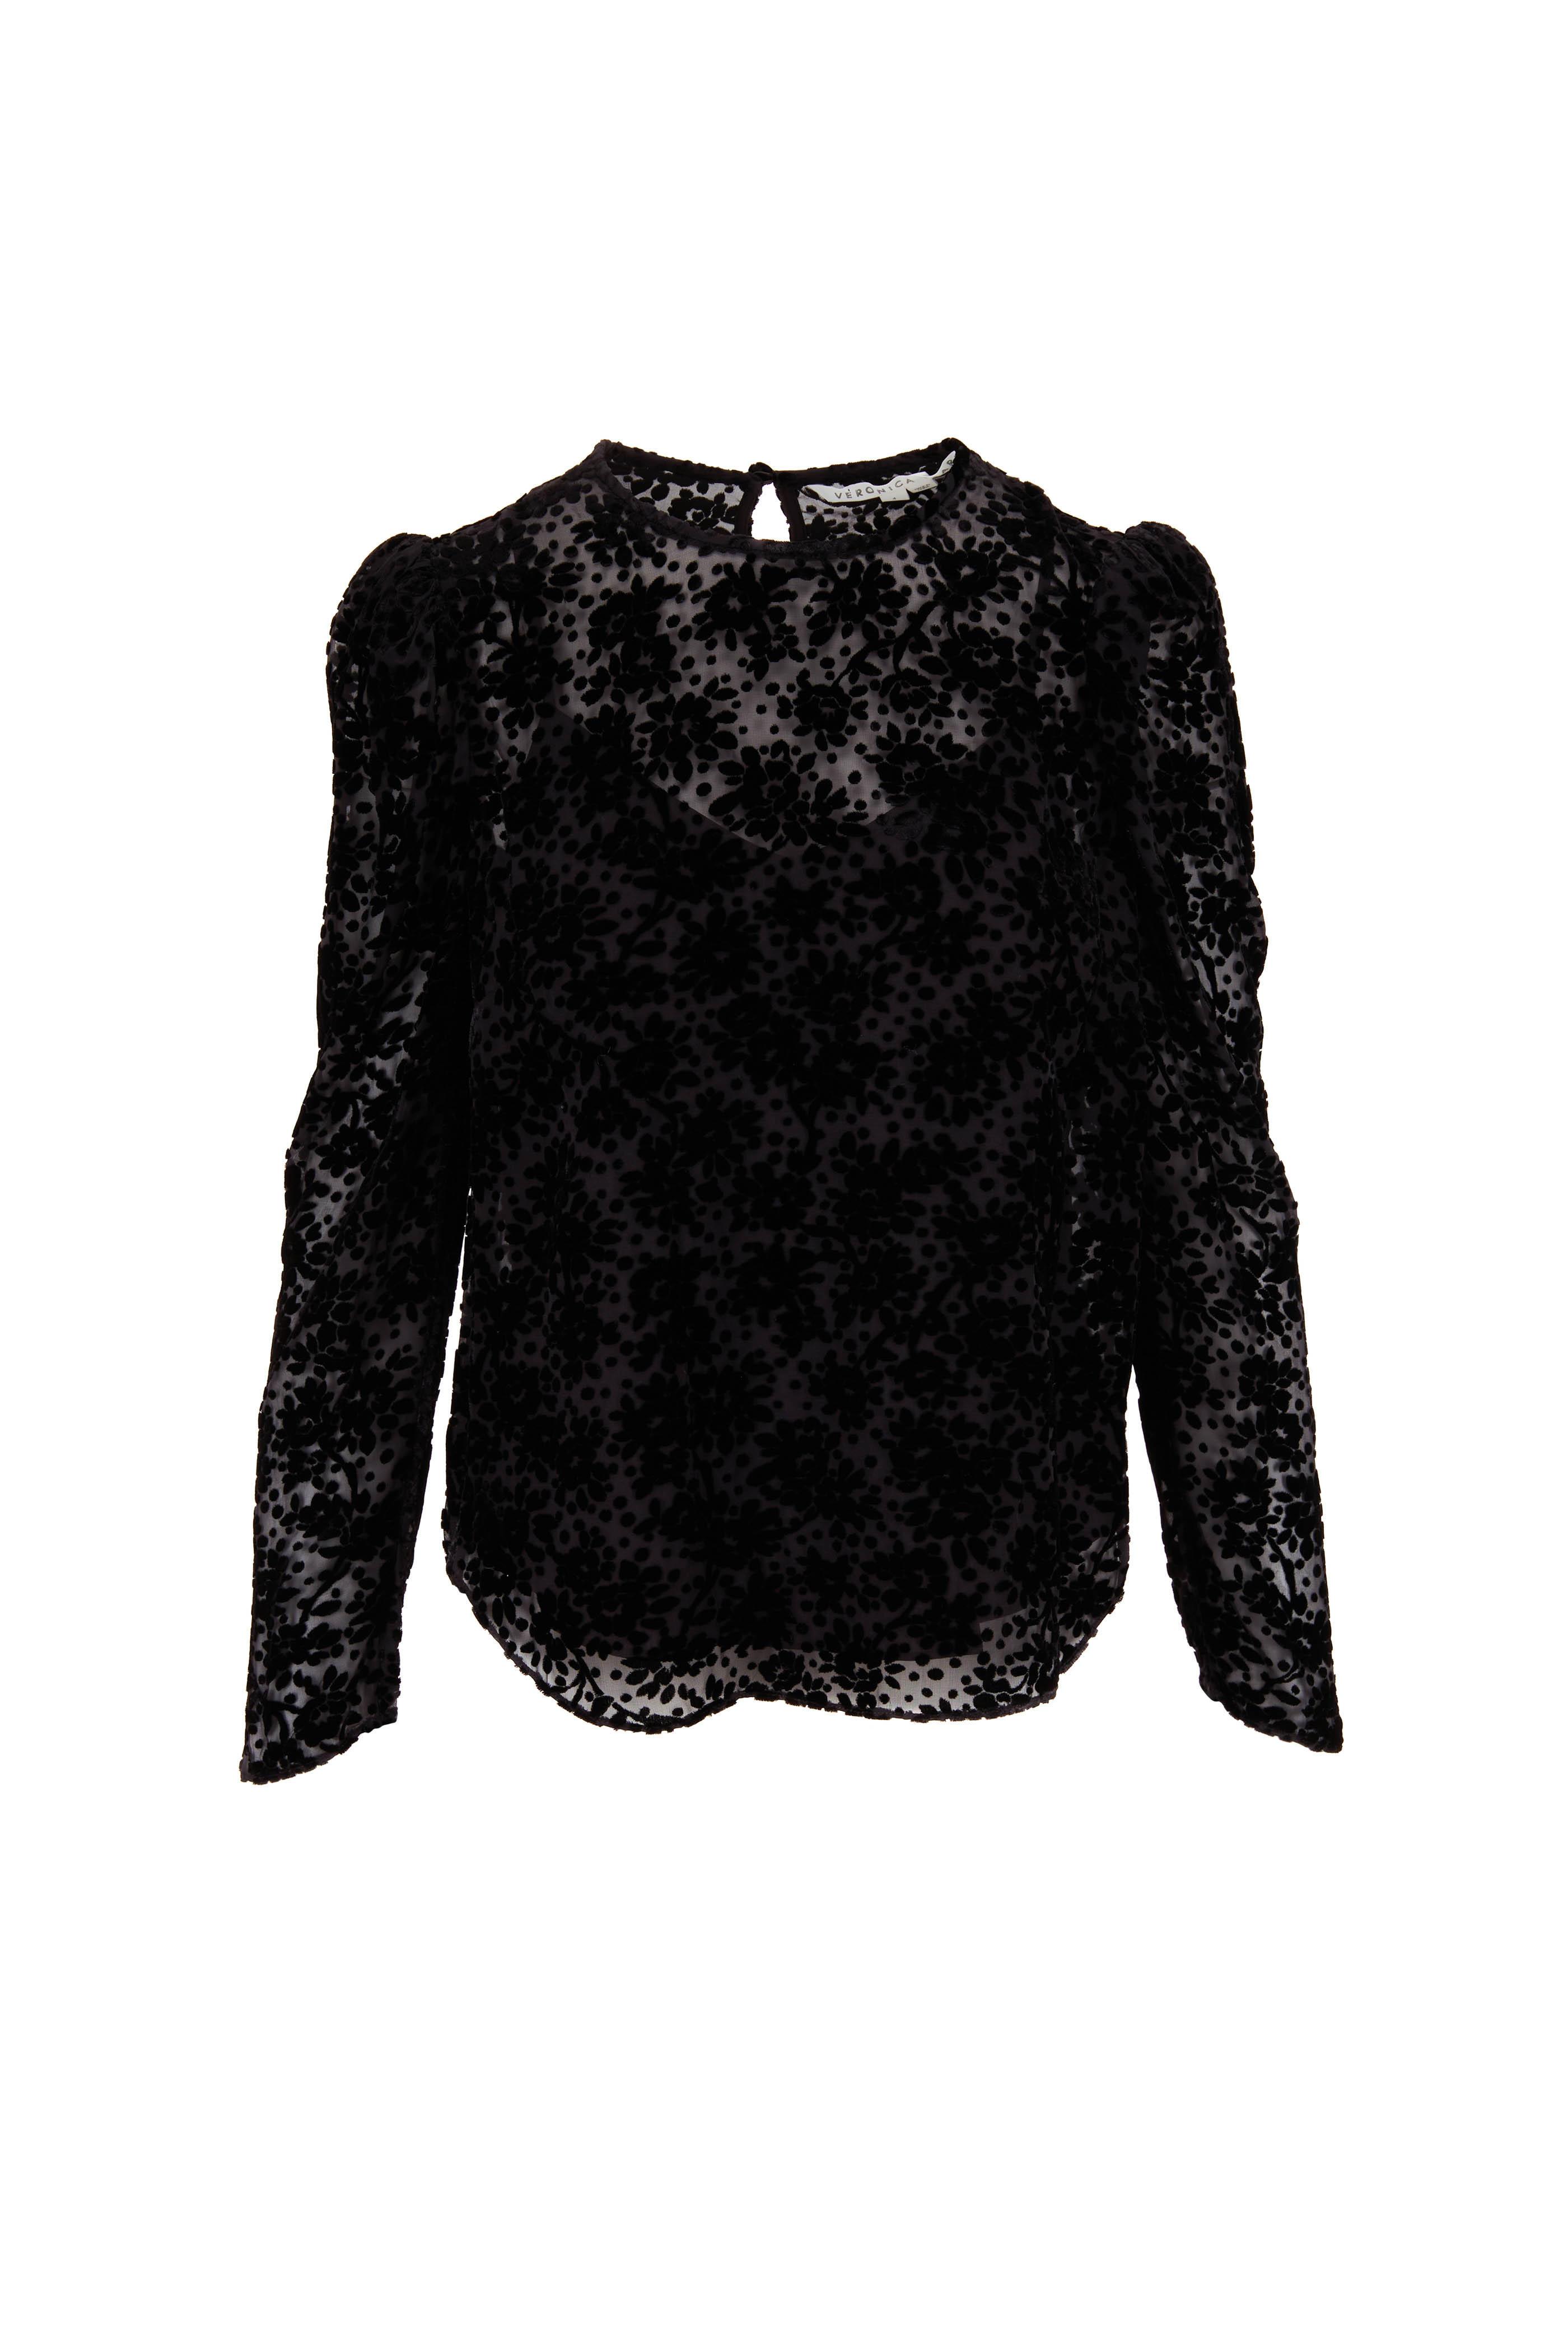 Veronica Beard Reverie Burnout Black Velvet Blouse Mitchell Stores